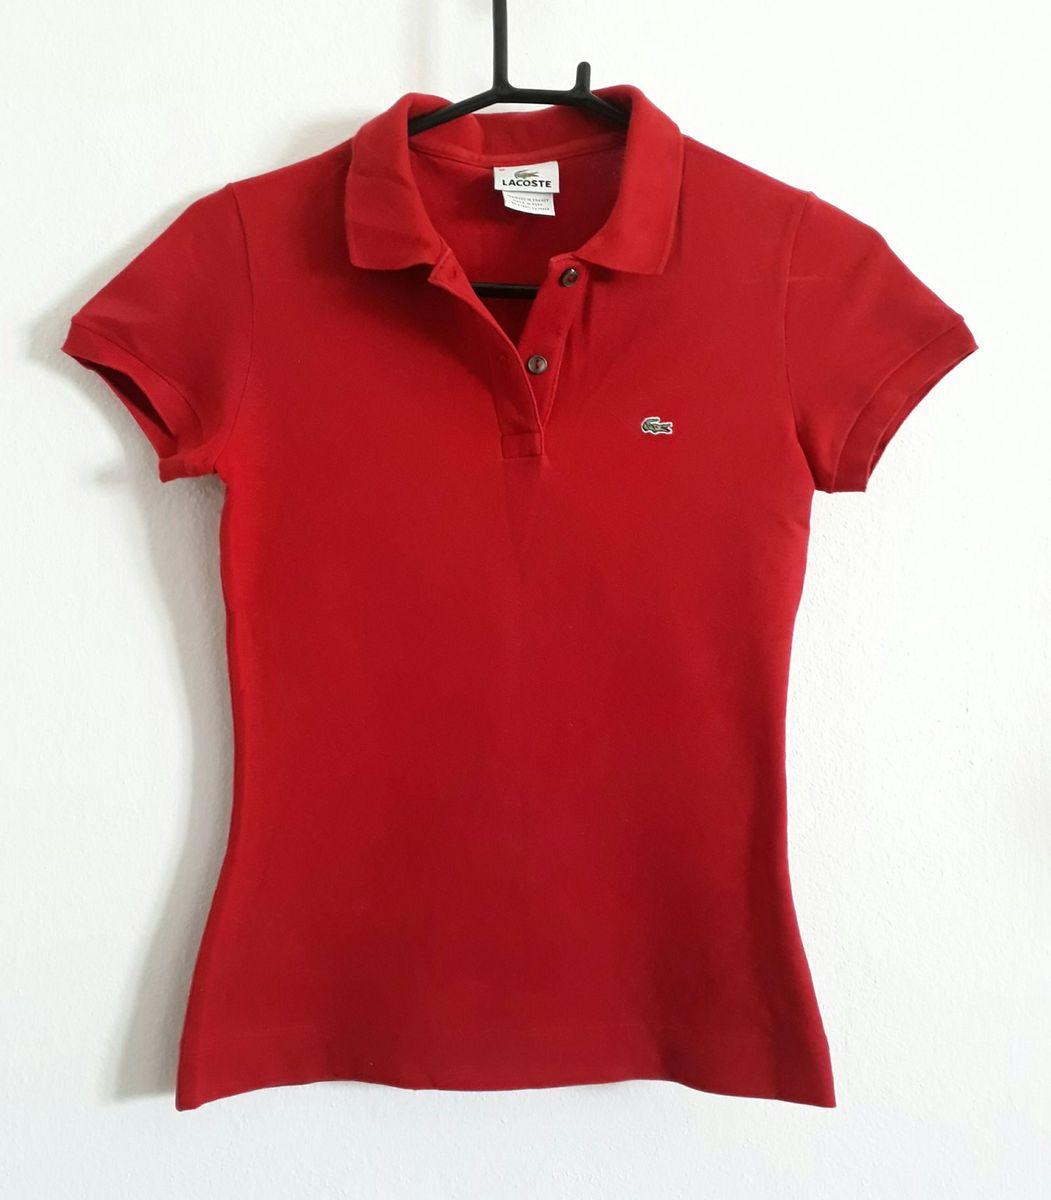 2195c94d88ea8 polo lacoste - camisas lacoste.  Czm6ly9wag90b3muzw5qb2vplmnvbs5ici9wcm9kdwn0cy80mte4os9jnzlizje0ymi0mdu5mjjmowvjmzq3otkzngnhyjhizc5qcgc  ...